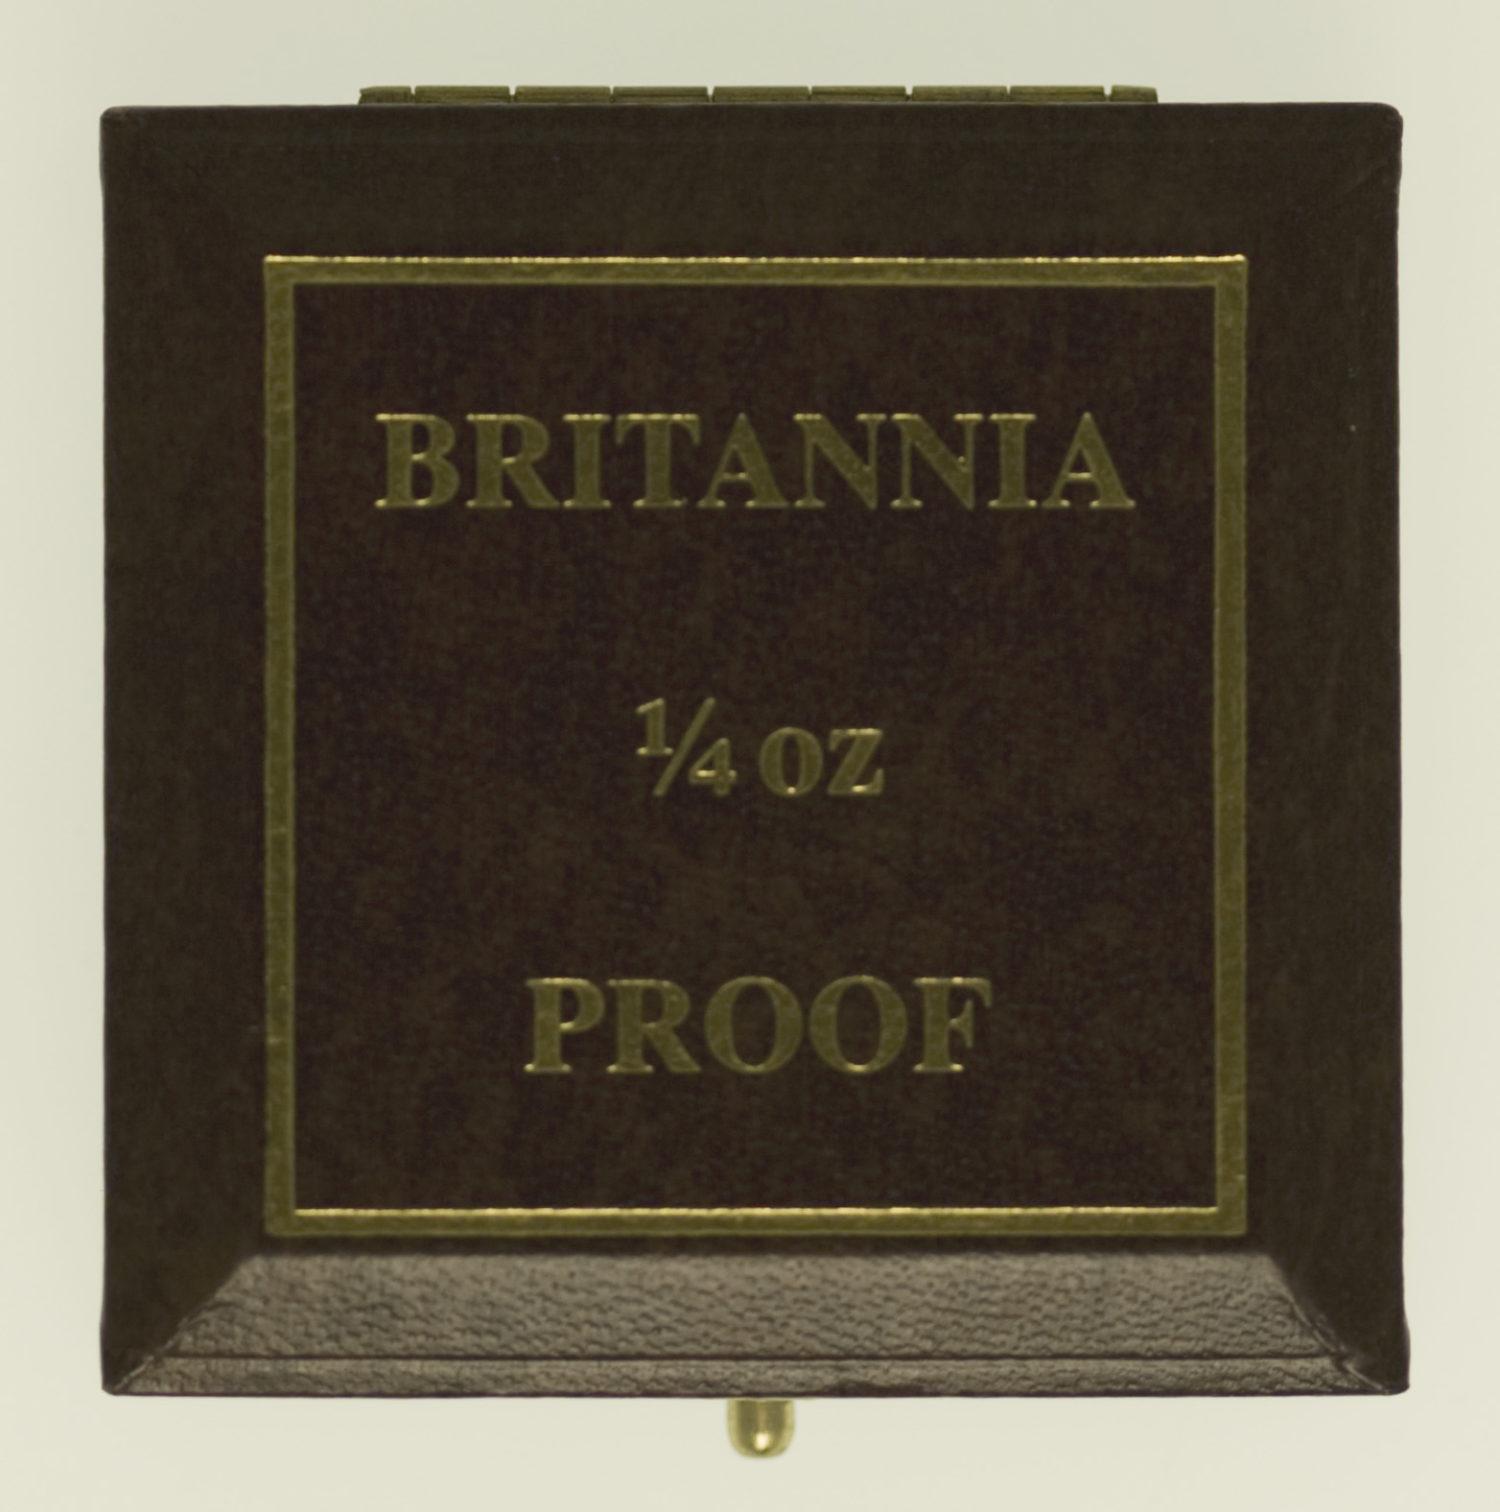 grossbritannien - Großbritannien Elisabeth II. 25 Pounds 2004 Britannia